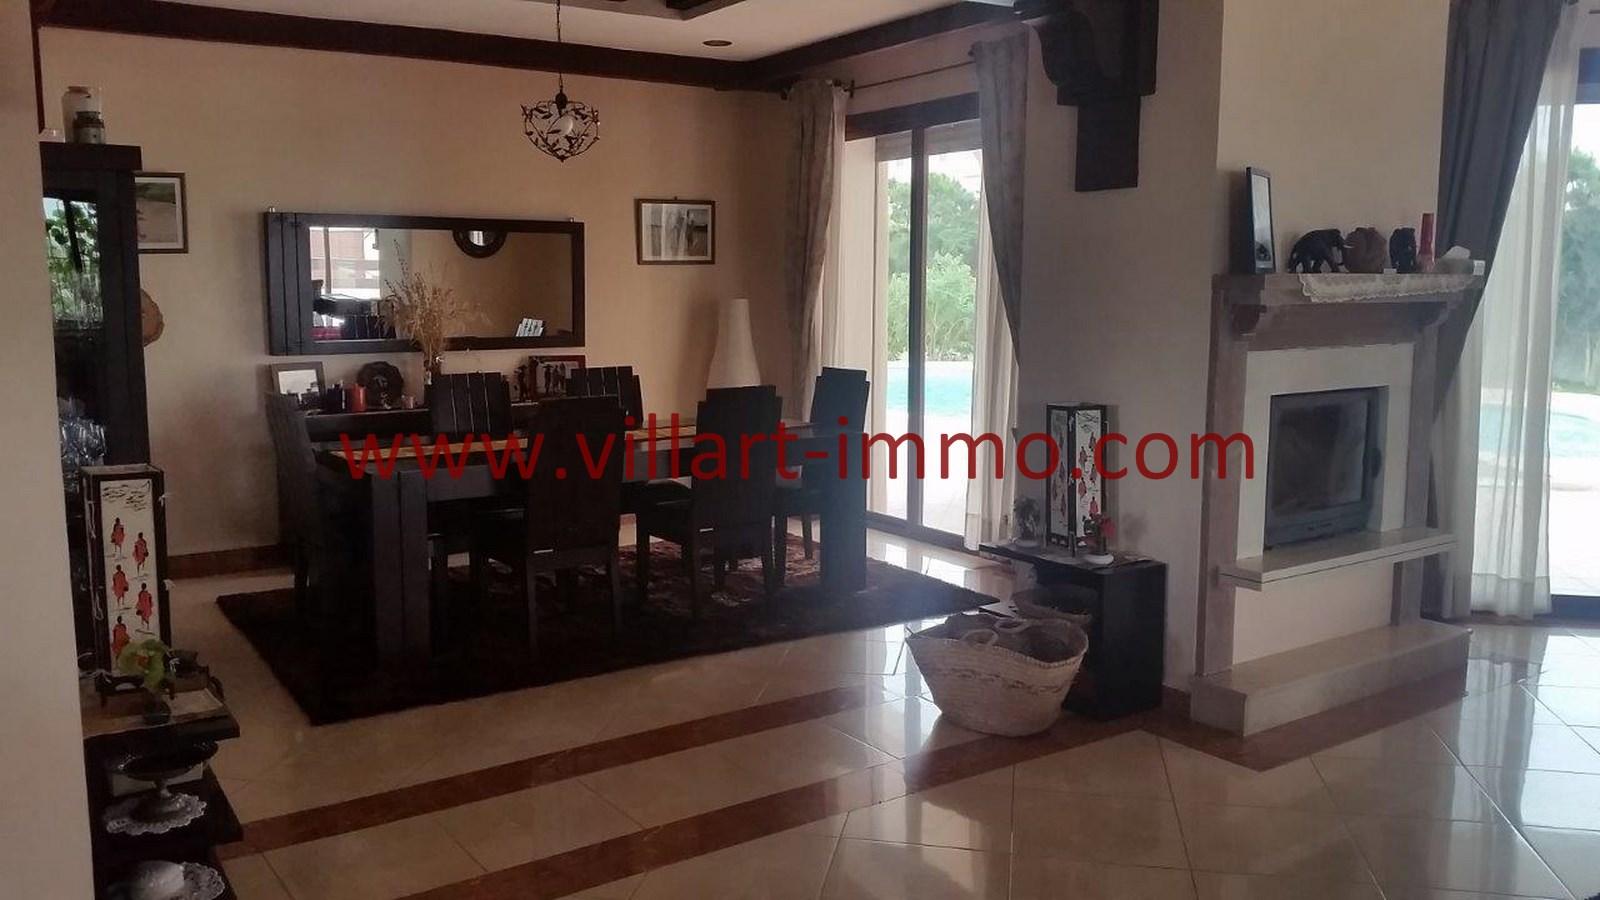 4-a-louer-villa-meublee-tanger-achakar-salon-lsat914-villart-immo